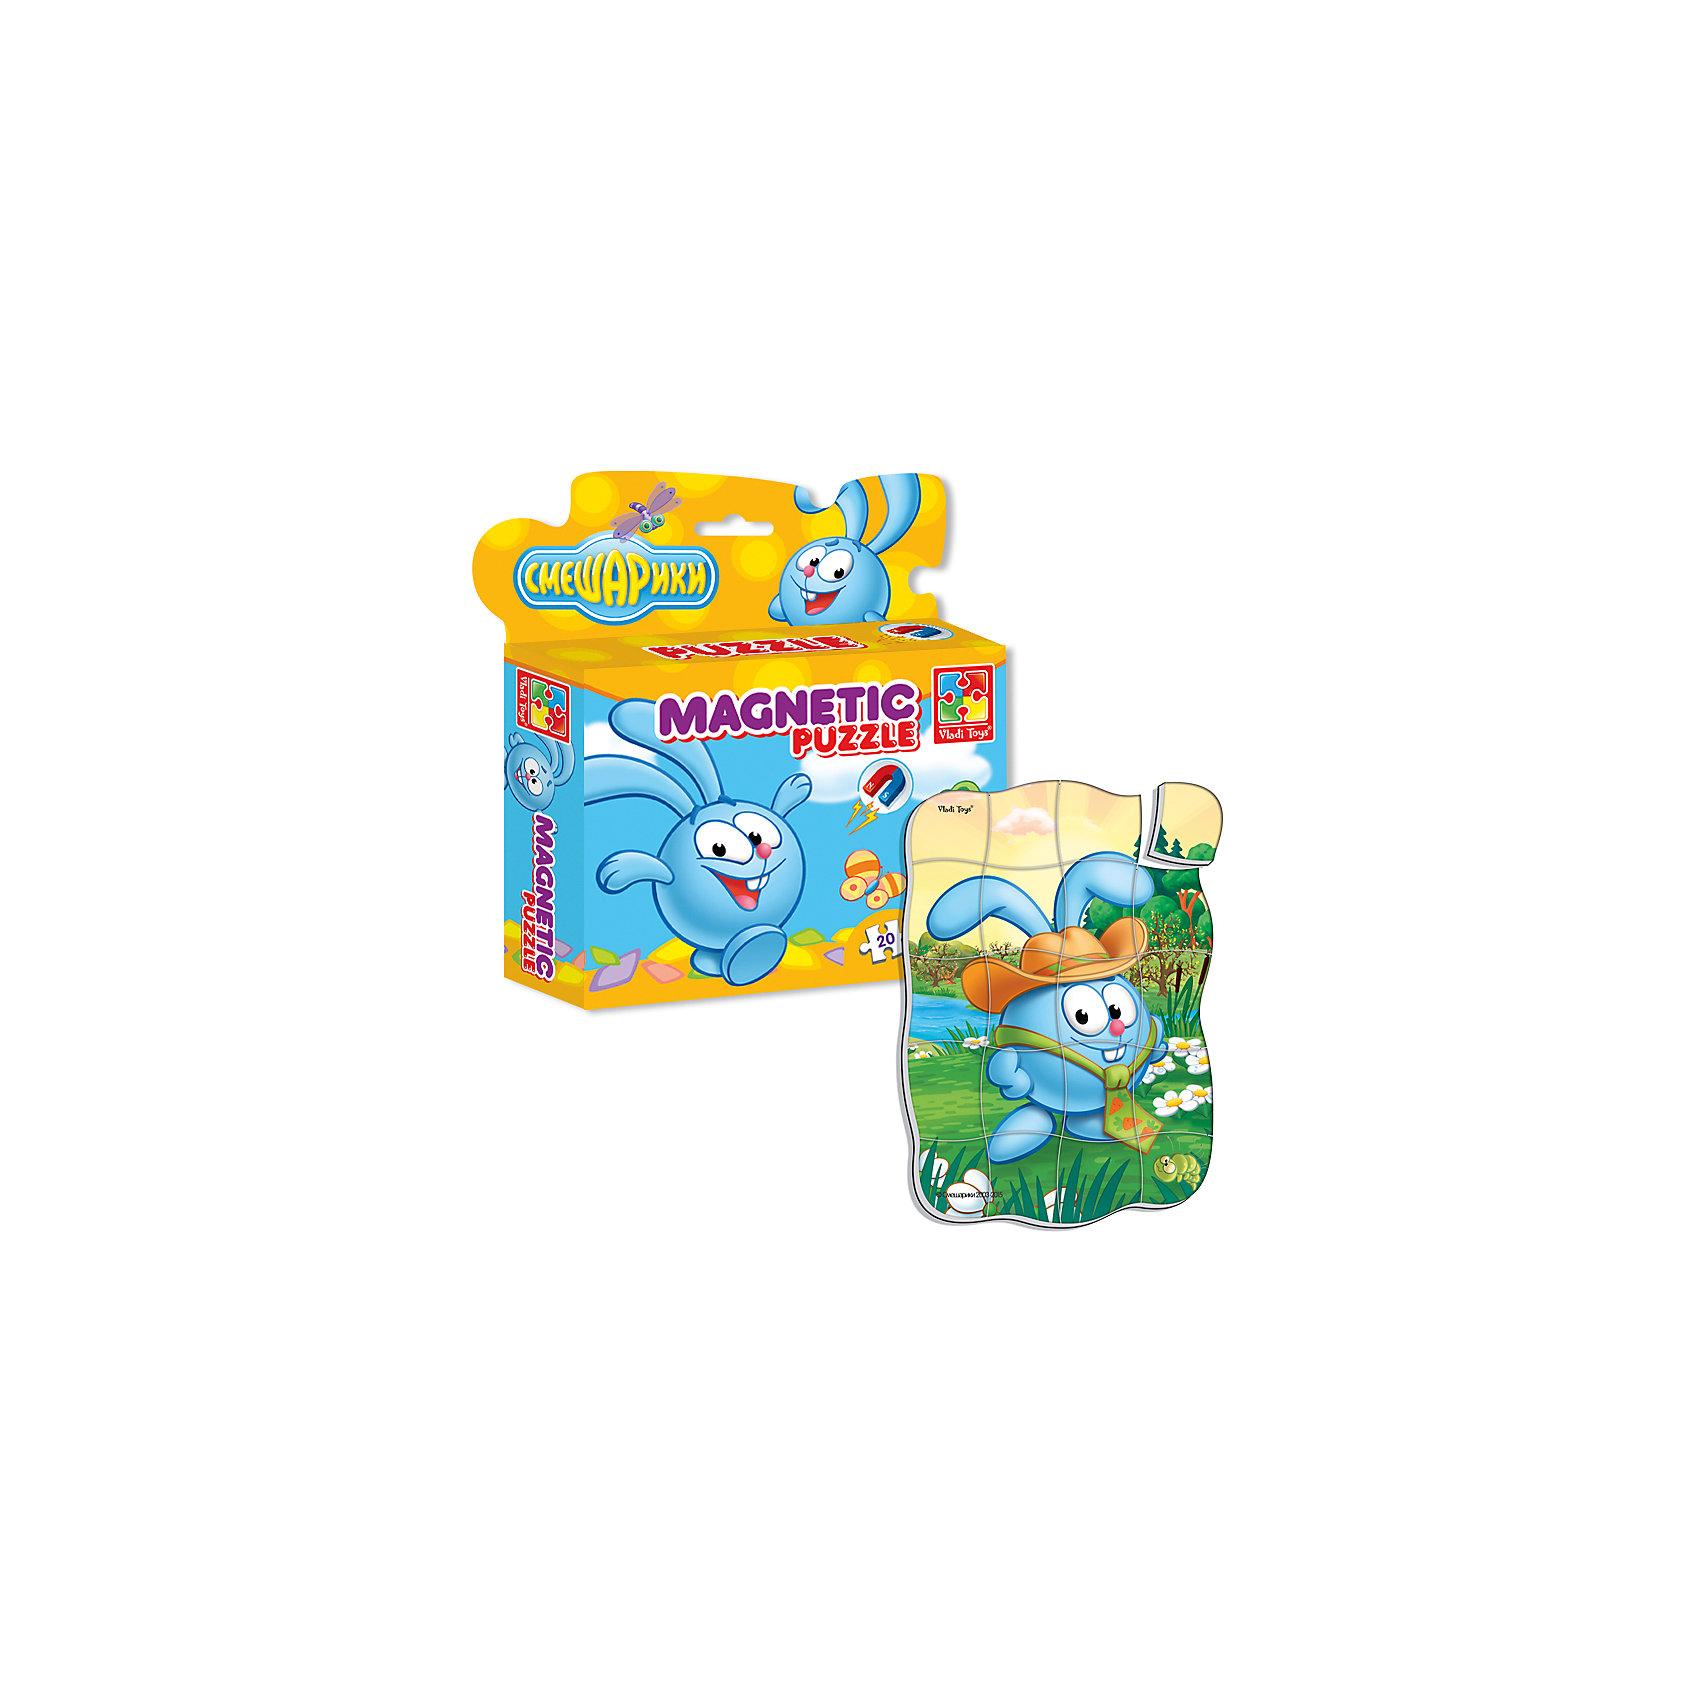 Магнитные фигурные пазлы Крош, Смешарики, Vladi ToysХарактеристики:<br><br>• Вид игр: развивающие<br>• Серия: пазлы-магниты<br>• Пол: универсальный<br>• Материал: полимер, картон, магнит<br>• Цвет:голубой, белый, зеленый, коричневый и др.<br>• Комплектация: 1 пазл из 20-ти элементов<br>• Размеры (Д*Ш*В): 16,5*4*19,5 см<br>• Тип упаковки: картонная коробка <br>• Вес: 94 г<br><br>Пазлы на магните Крош, Смешарики, Vladi Toys, производителем которых является компания, специализирующаяся на выпуске развивающих игр, давно уже стали популярными среди аналогичной продукции. Мягкие пазлы – идеальное решение для развивающих занятий с самыми маленькими детьми, так как они разделены на большие элементы с крупными изображениями, чаще всего в качестве картинок используются герои популярных мультсериалов. Самое важное в пазле для малышей – это минимум деталей и безопасность элементов. Все используемые в производстве материалы являются экологически безопасными, не вызывают аллергии, не имеют запаха. Пазлы на магните Крош, Смешарики, Vladi Toys представляет собой сюжетную картинку, которая состоит из 20-и магнитных элементов с изображением Кроша в шляпе. <br>Занятия с мягкими пазлами от Vladi Toys способствуют развитию не только мелкой моторики, но и внимательности, усидчивости, терпению при достижении цели. Кроме того, по собранной картинке можно составлять рассказ, что позволит развивать речевые навыки, память и воображение.<br><br>Пазлы на магните Крош, Смешарики, Vladi Toys можно купить в нашем интернет-магазине.<br><br>Ширина мм: 165<br>Глубина мм: 45<br>Высота мм: 195<br>Вес г: 94<br>Возраст от месяцев: 24<br>Возраст до месяцев: 60<br>Пол: Унисекс<br>Возраст: Детский<br>SKU: 5136092